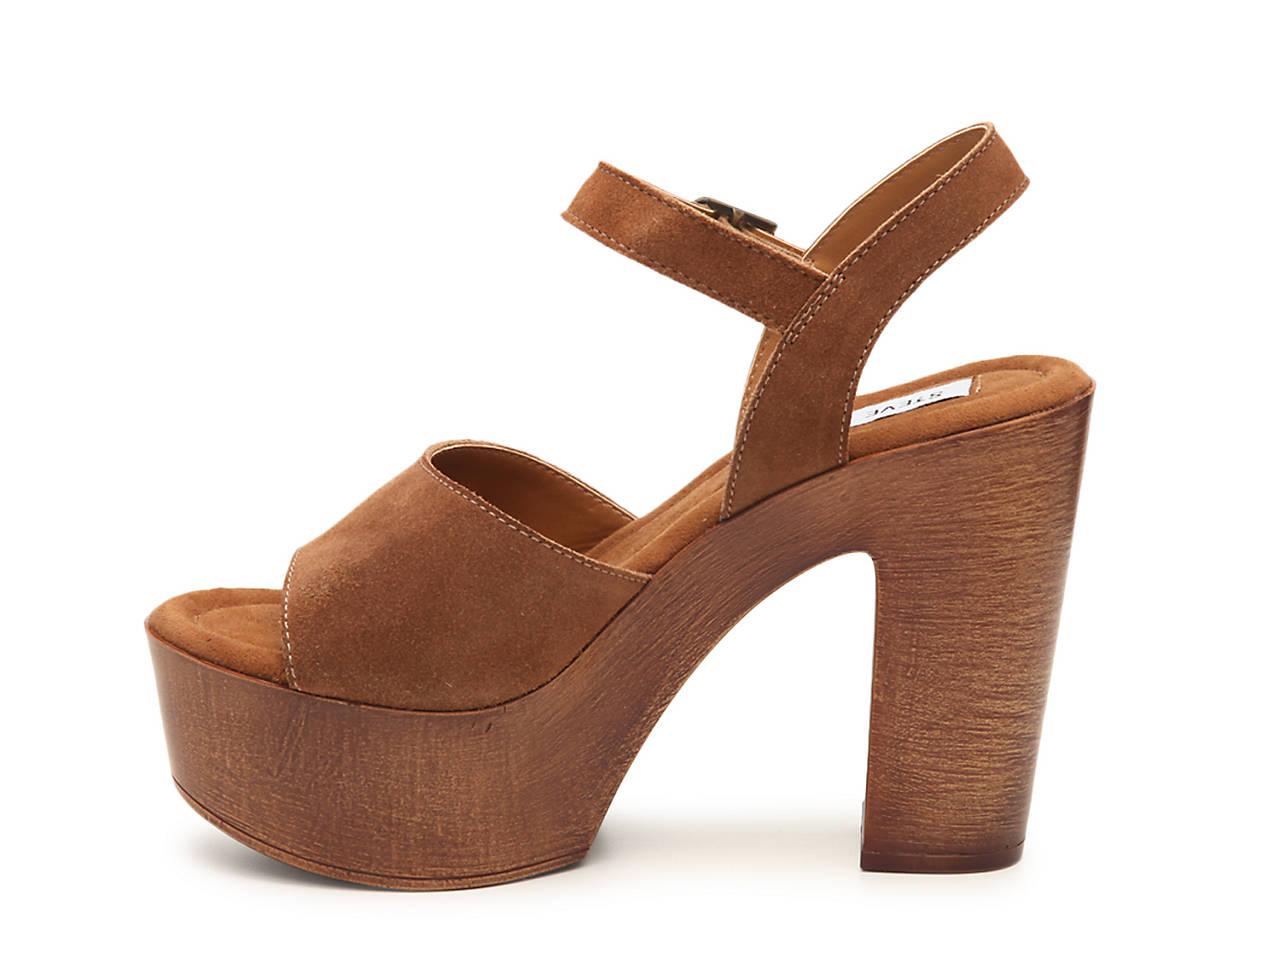 350b1d37106 Clique Platform Sandal